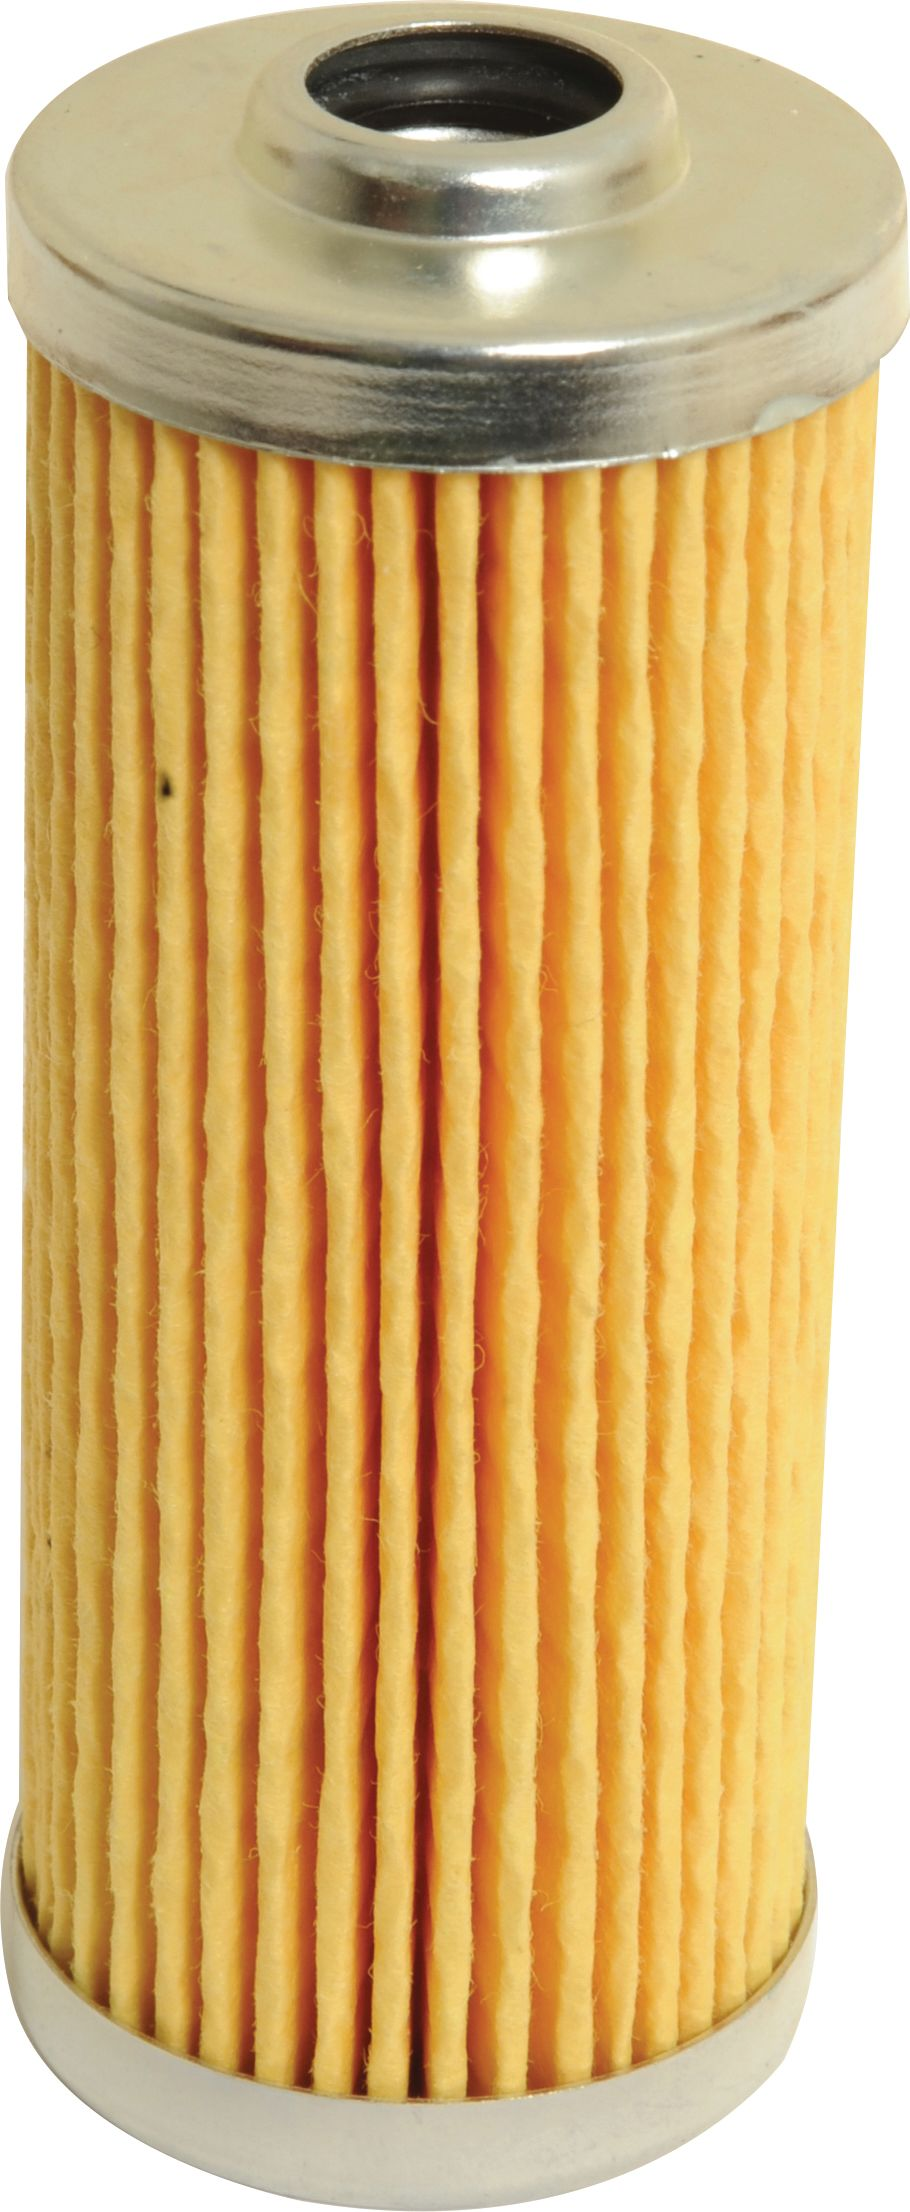 YANMAR FUEL FILTER 76884